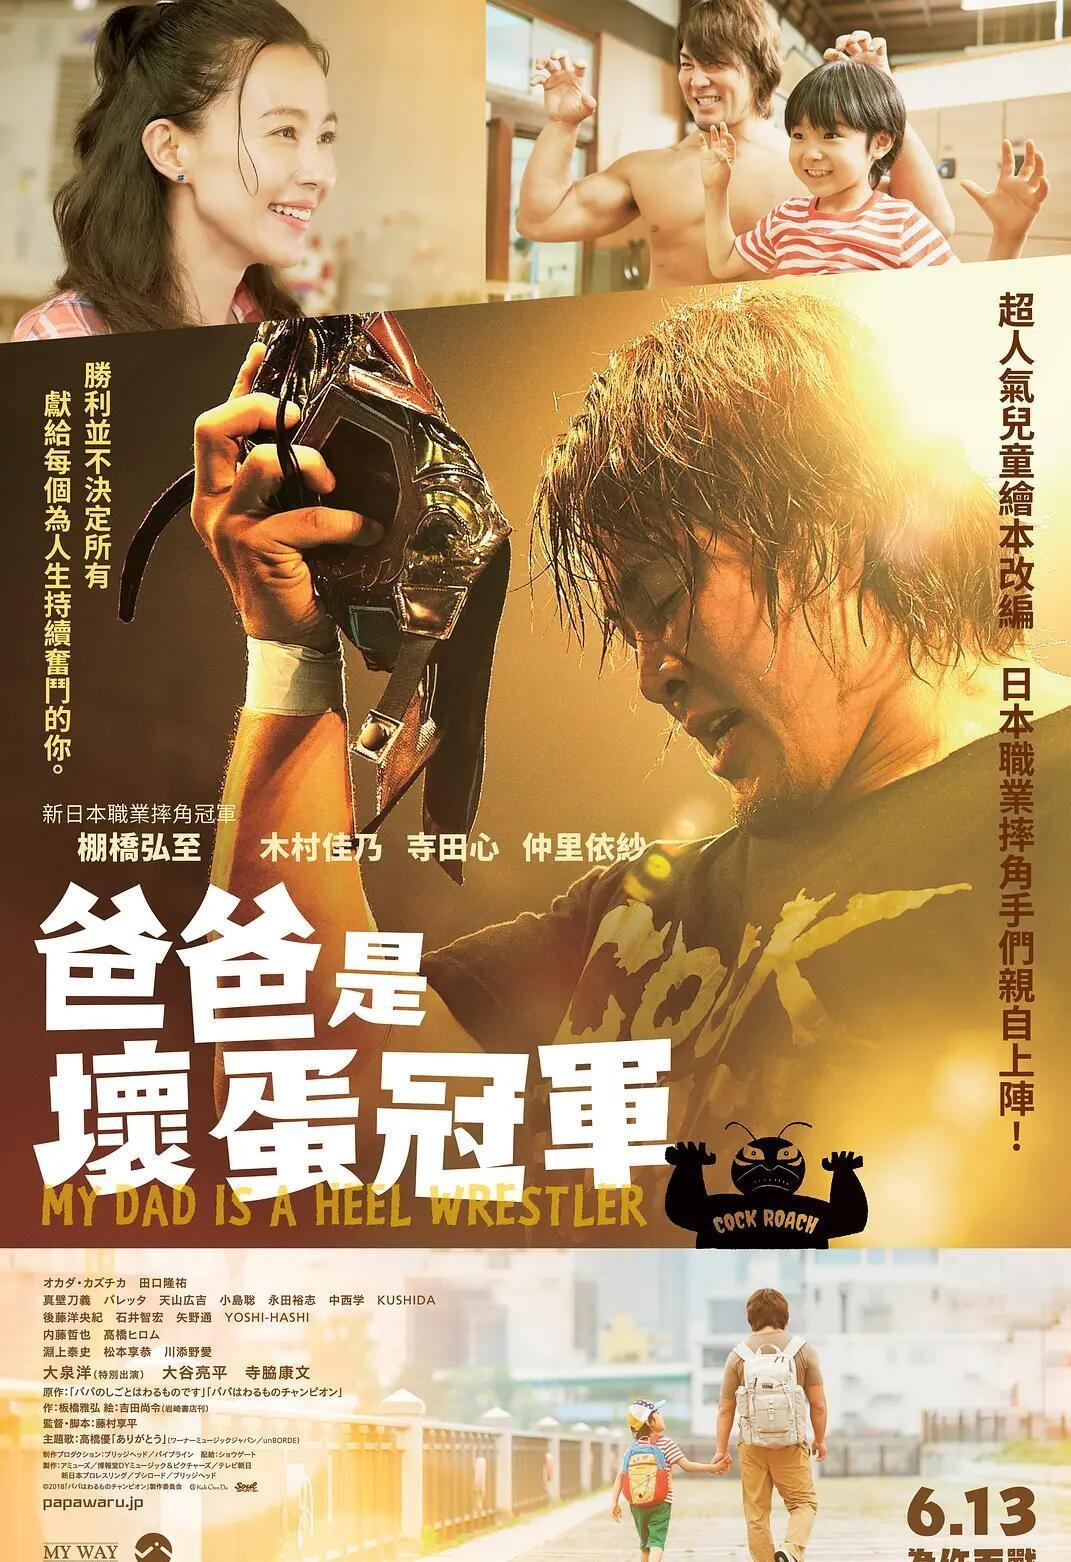 《爸爸是坏人冠军》BD720p日语中字版 百度网盘-第1张图片-木头资源网